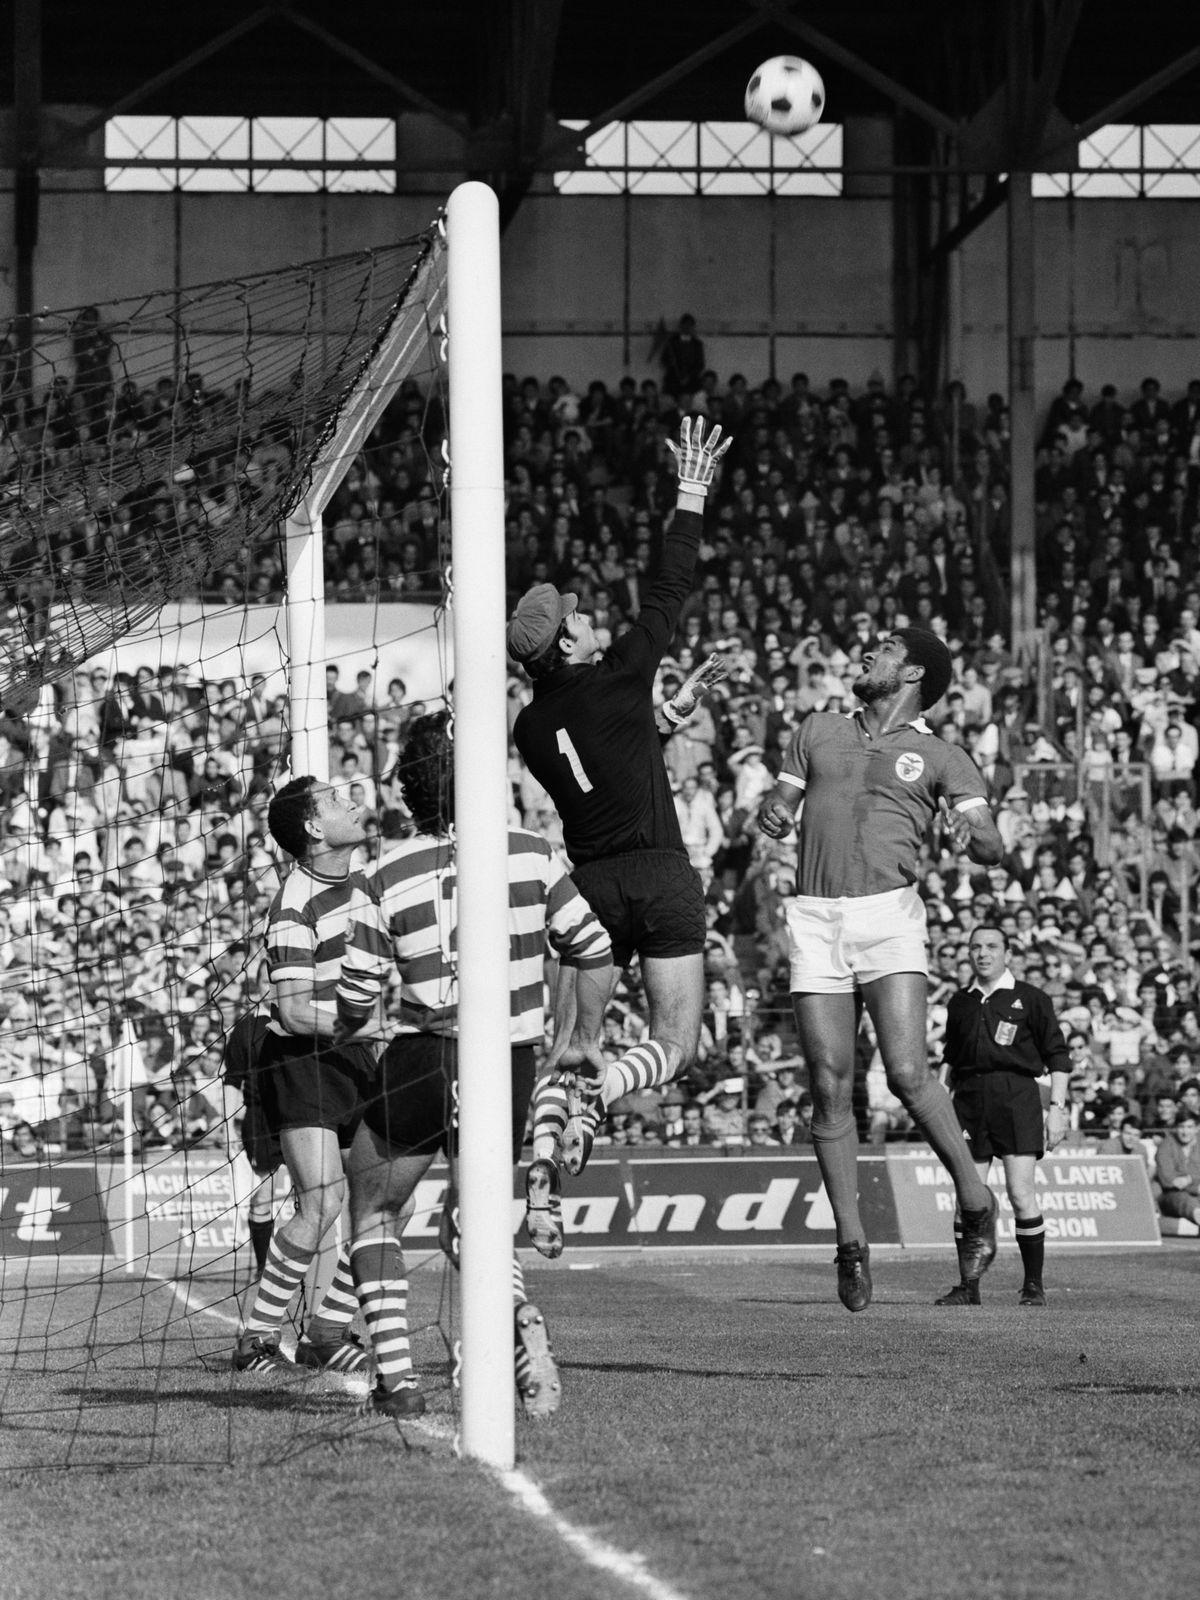 Soccer - Benfica vs Sporting Lisbon - 1971